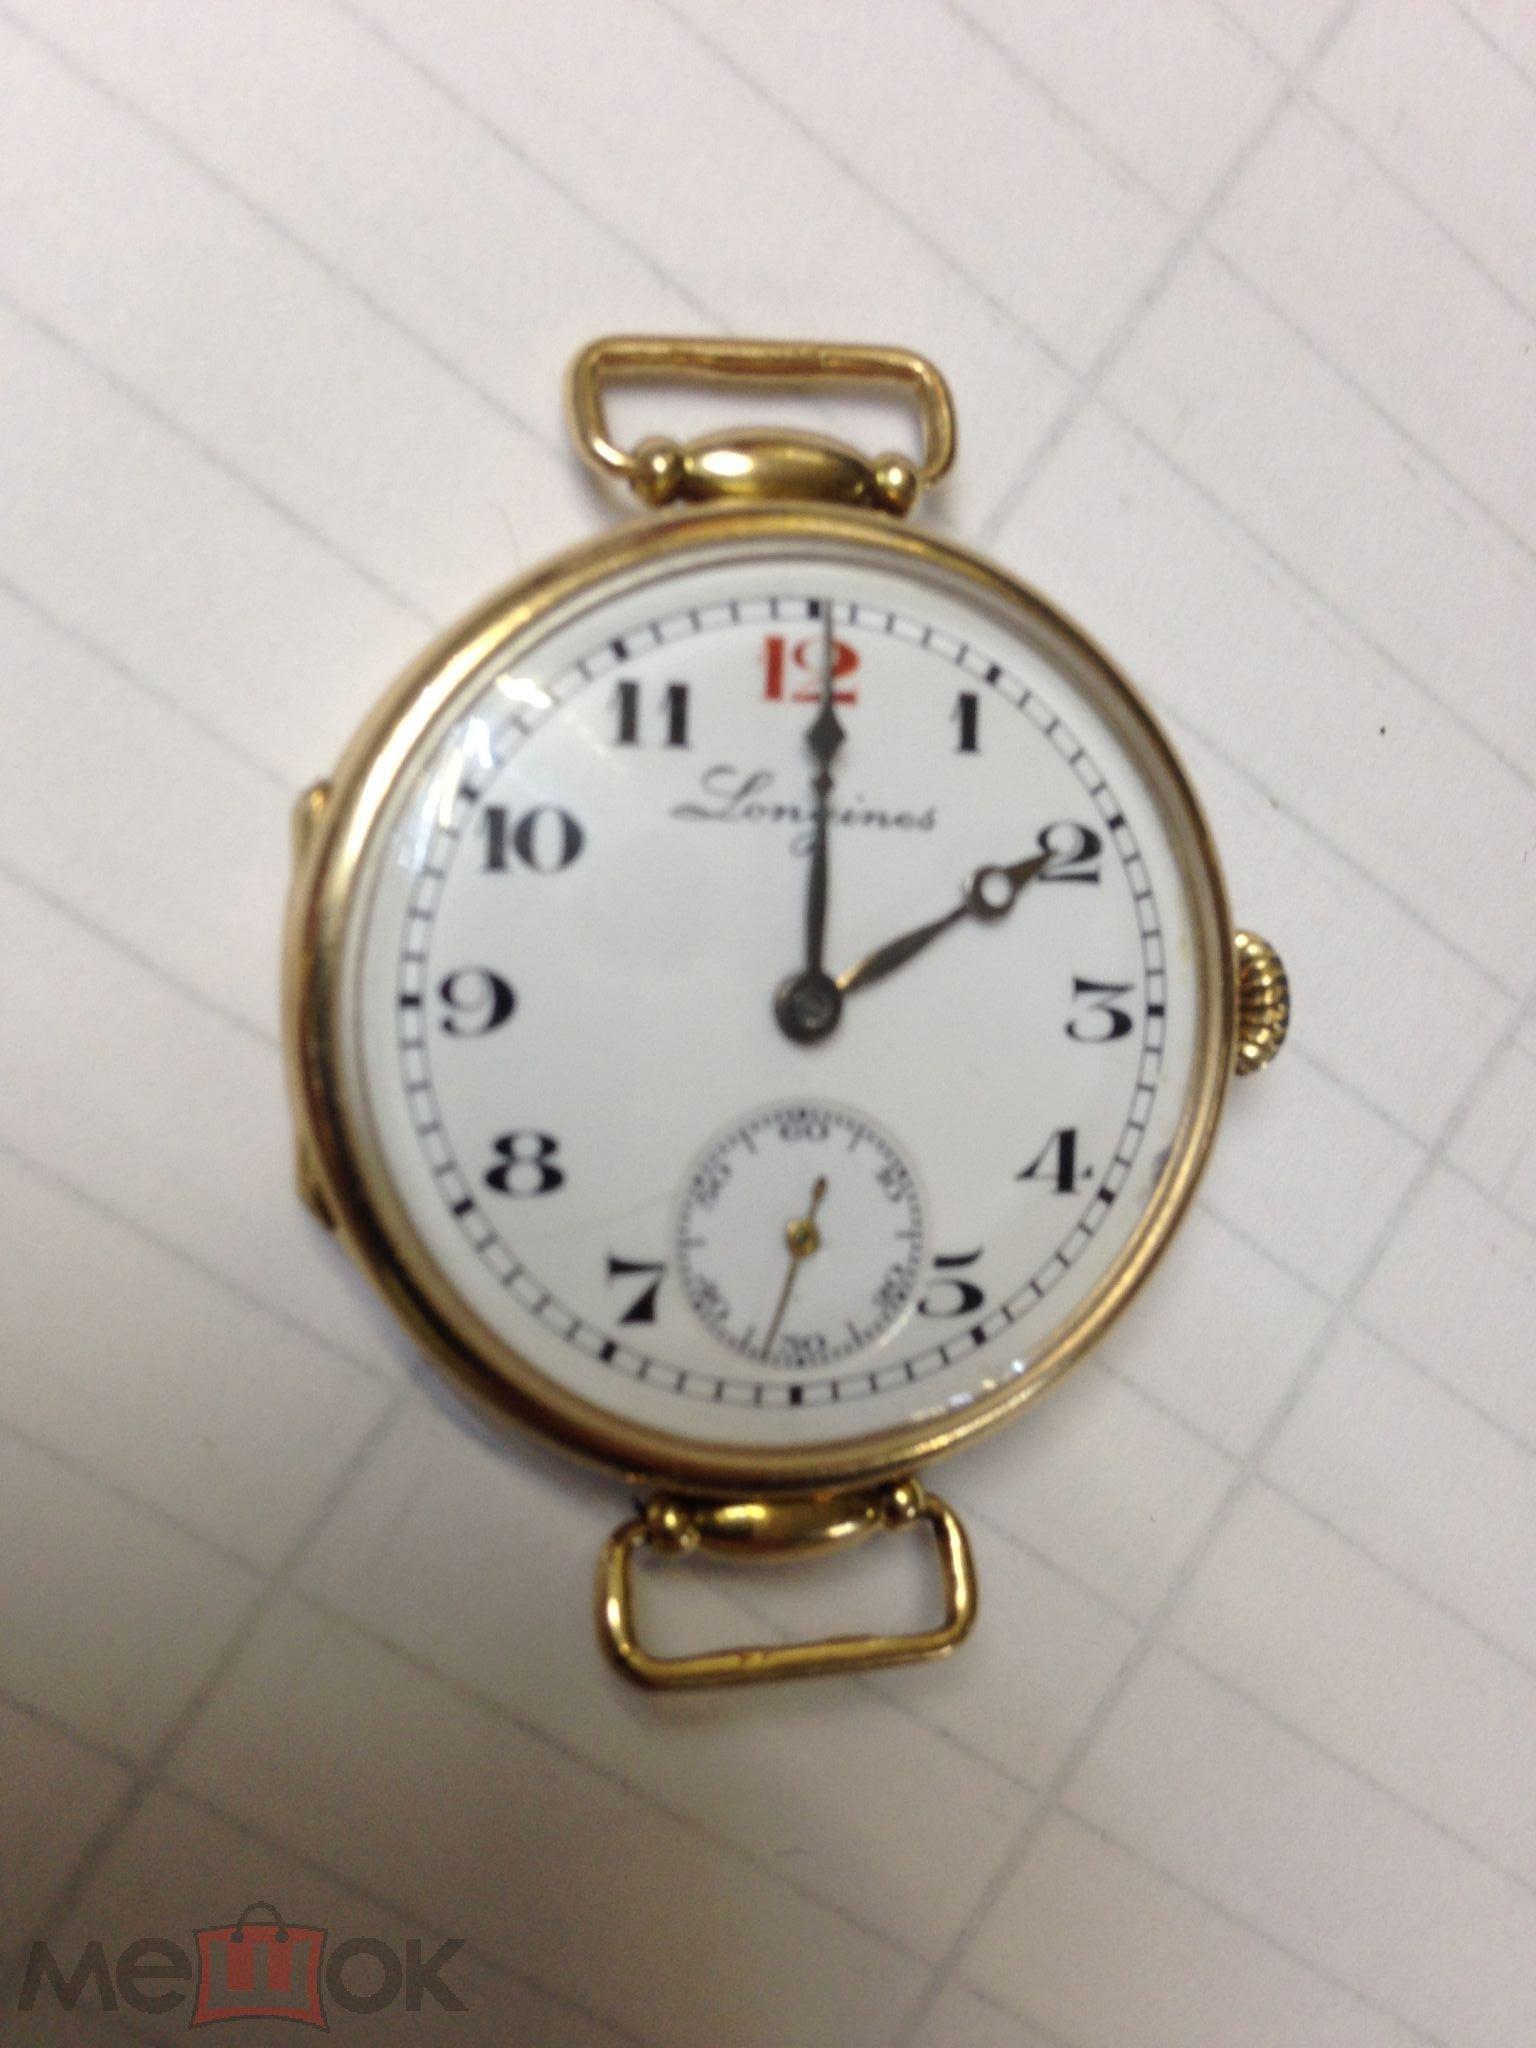 Старинные антикварные саксонские часы бежевый золотой коричневый механический 42 мм роман из нержавеющей стали.